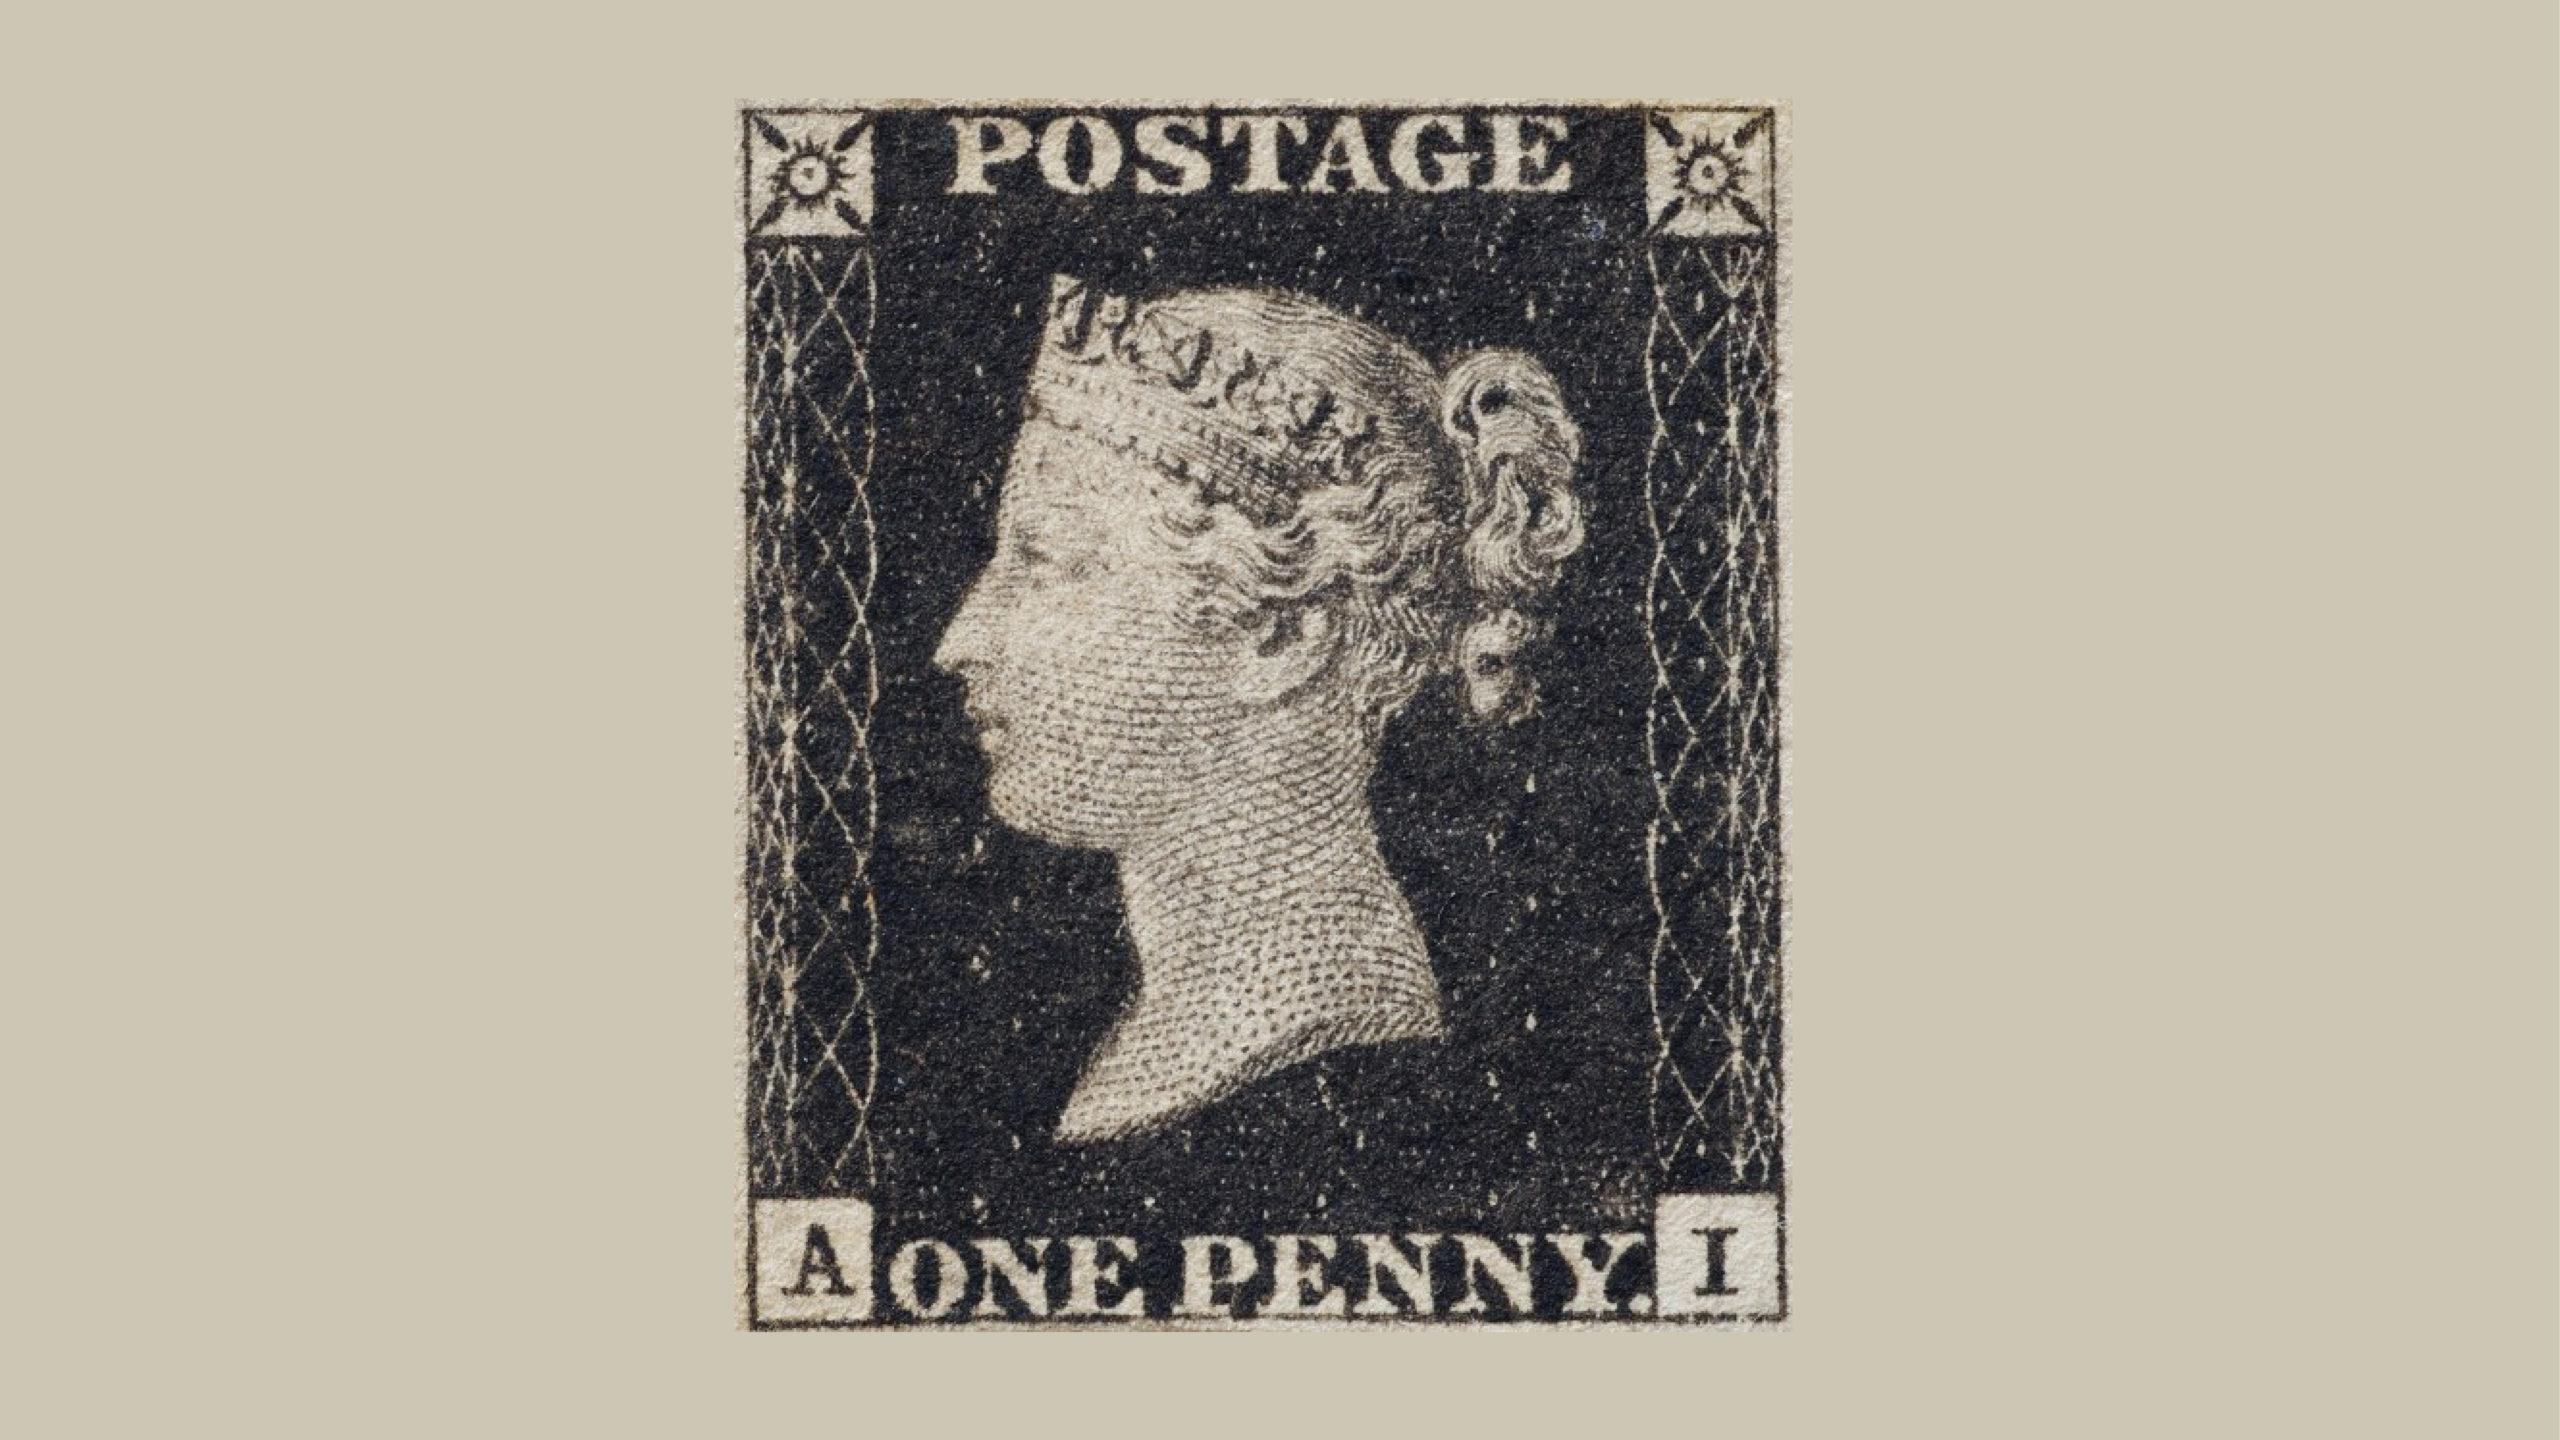 Subastarán el primer sello postal del mundo en 8 mdd